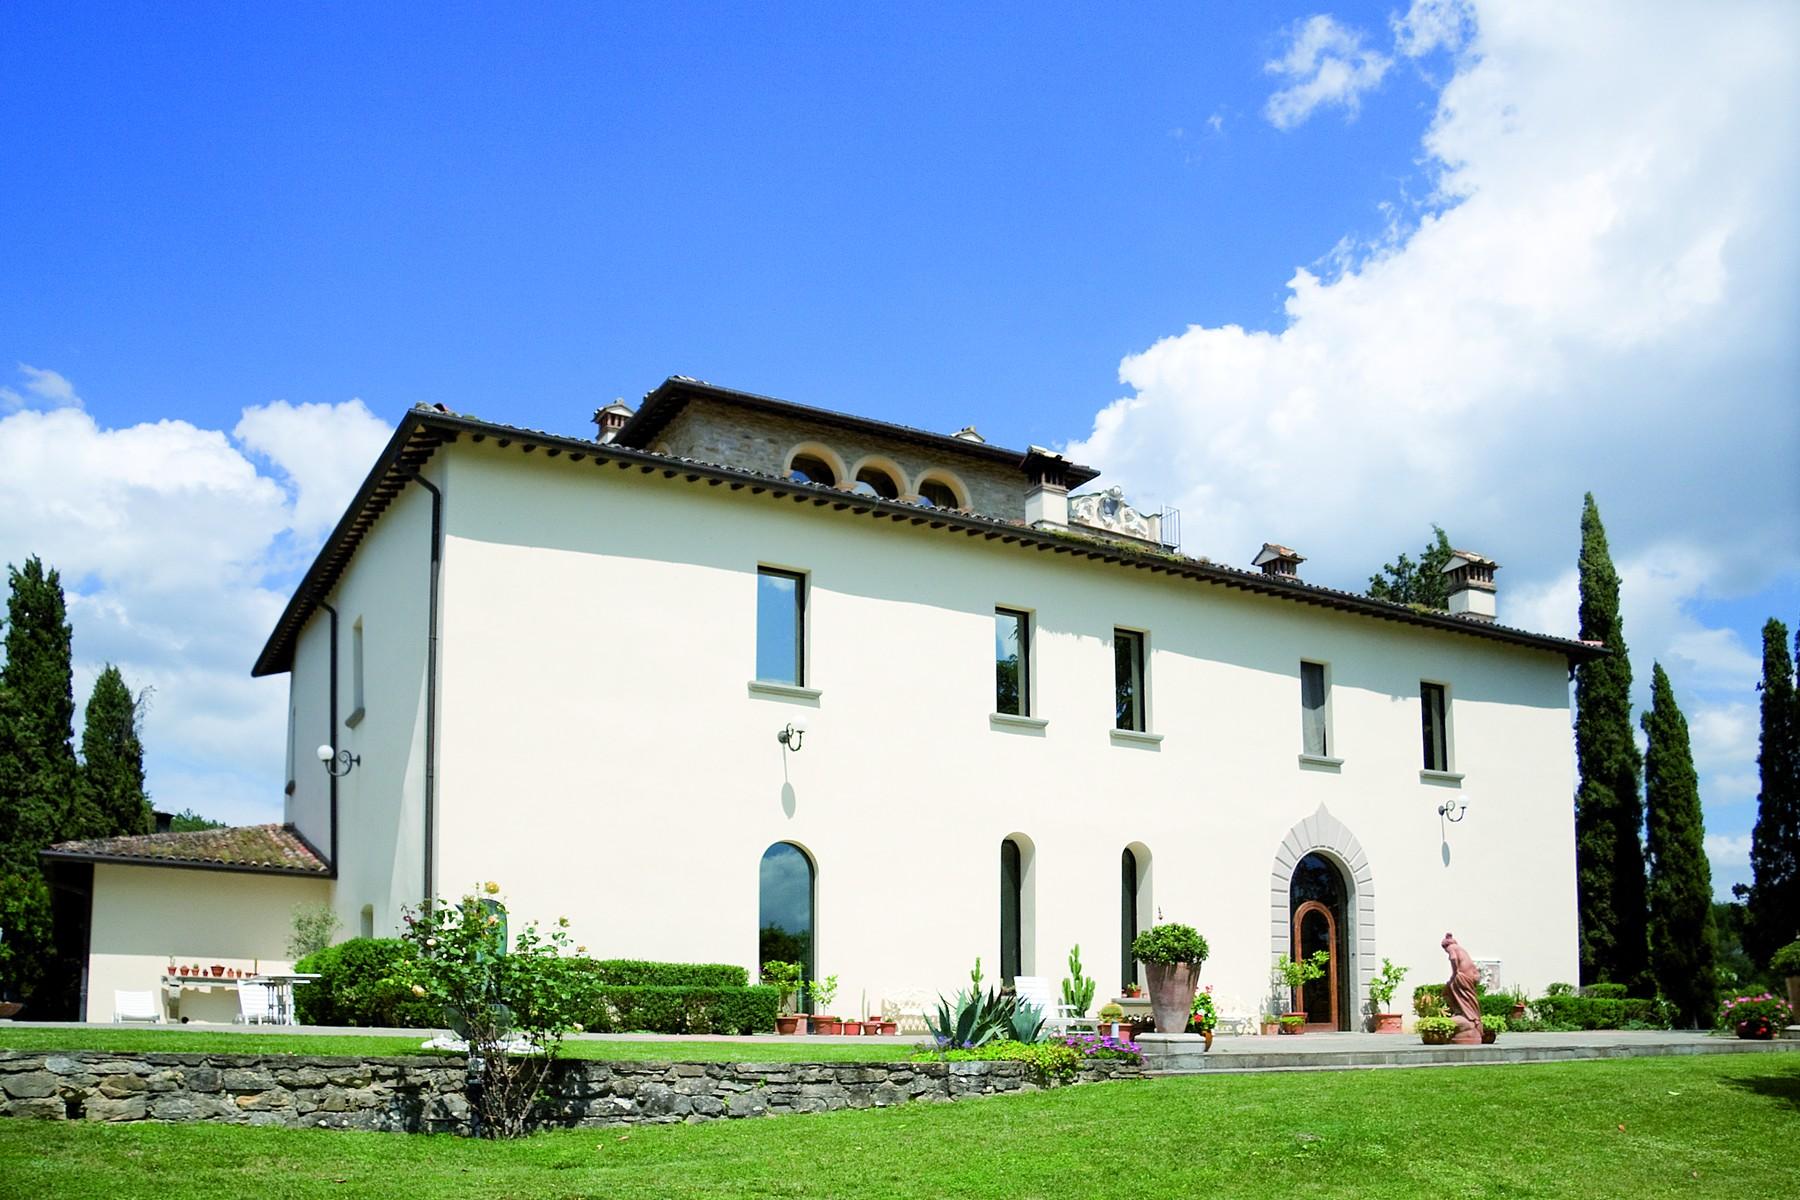 Single Family Home for Sale at Exclusive villa in umbrian countryside Voc. Coppi Citta Di Castello, Perugia 06012 Italy